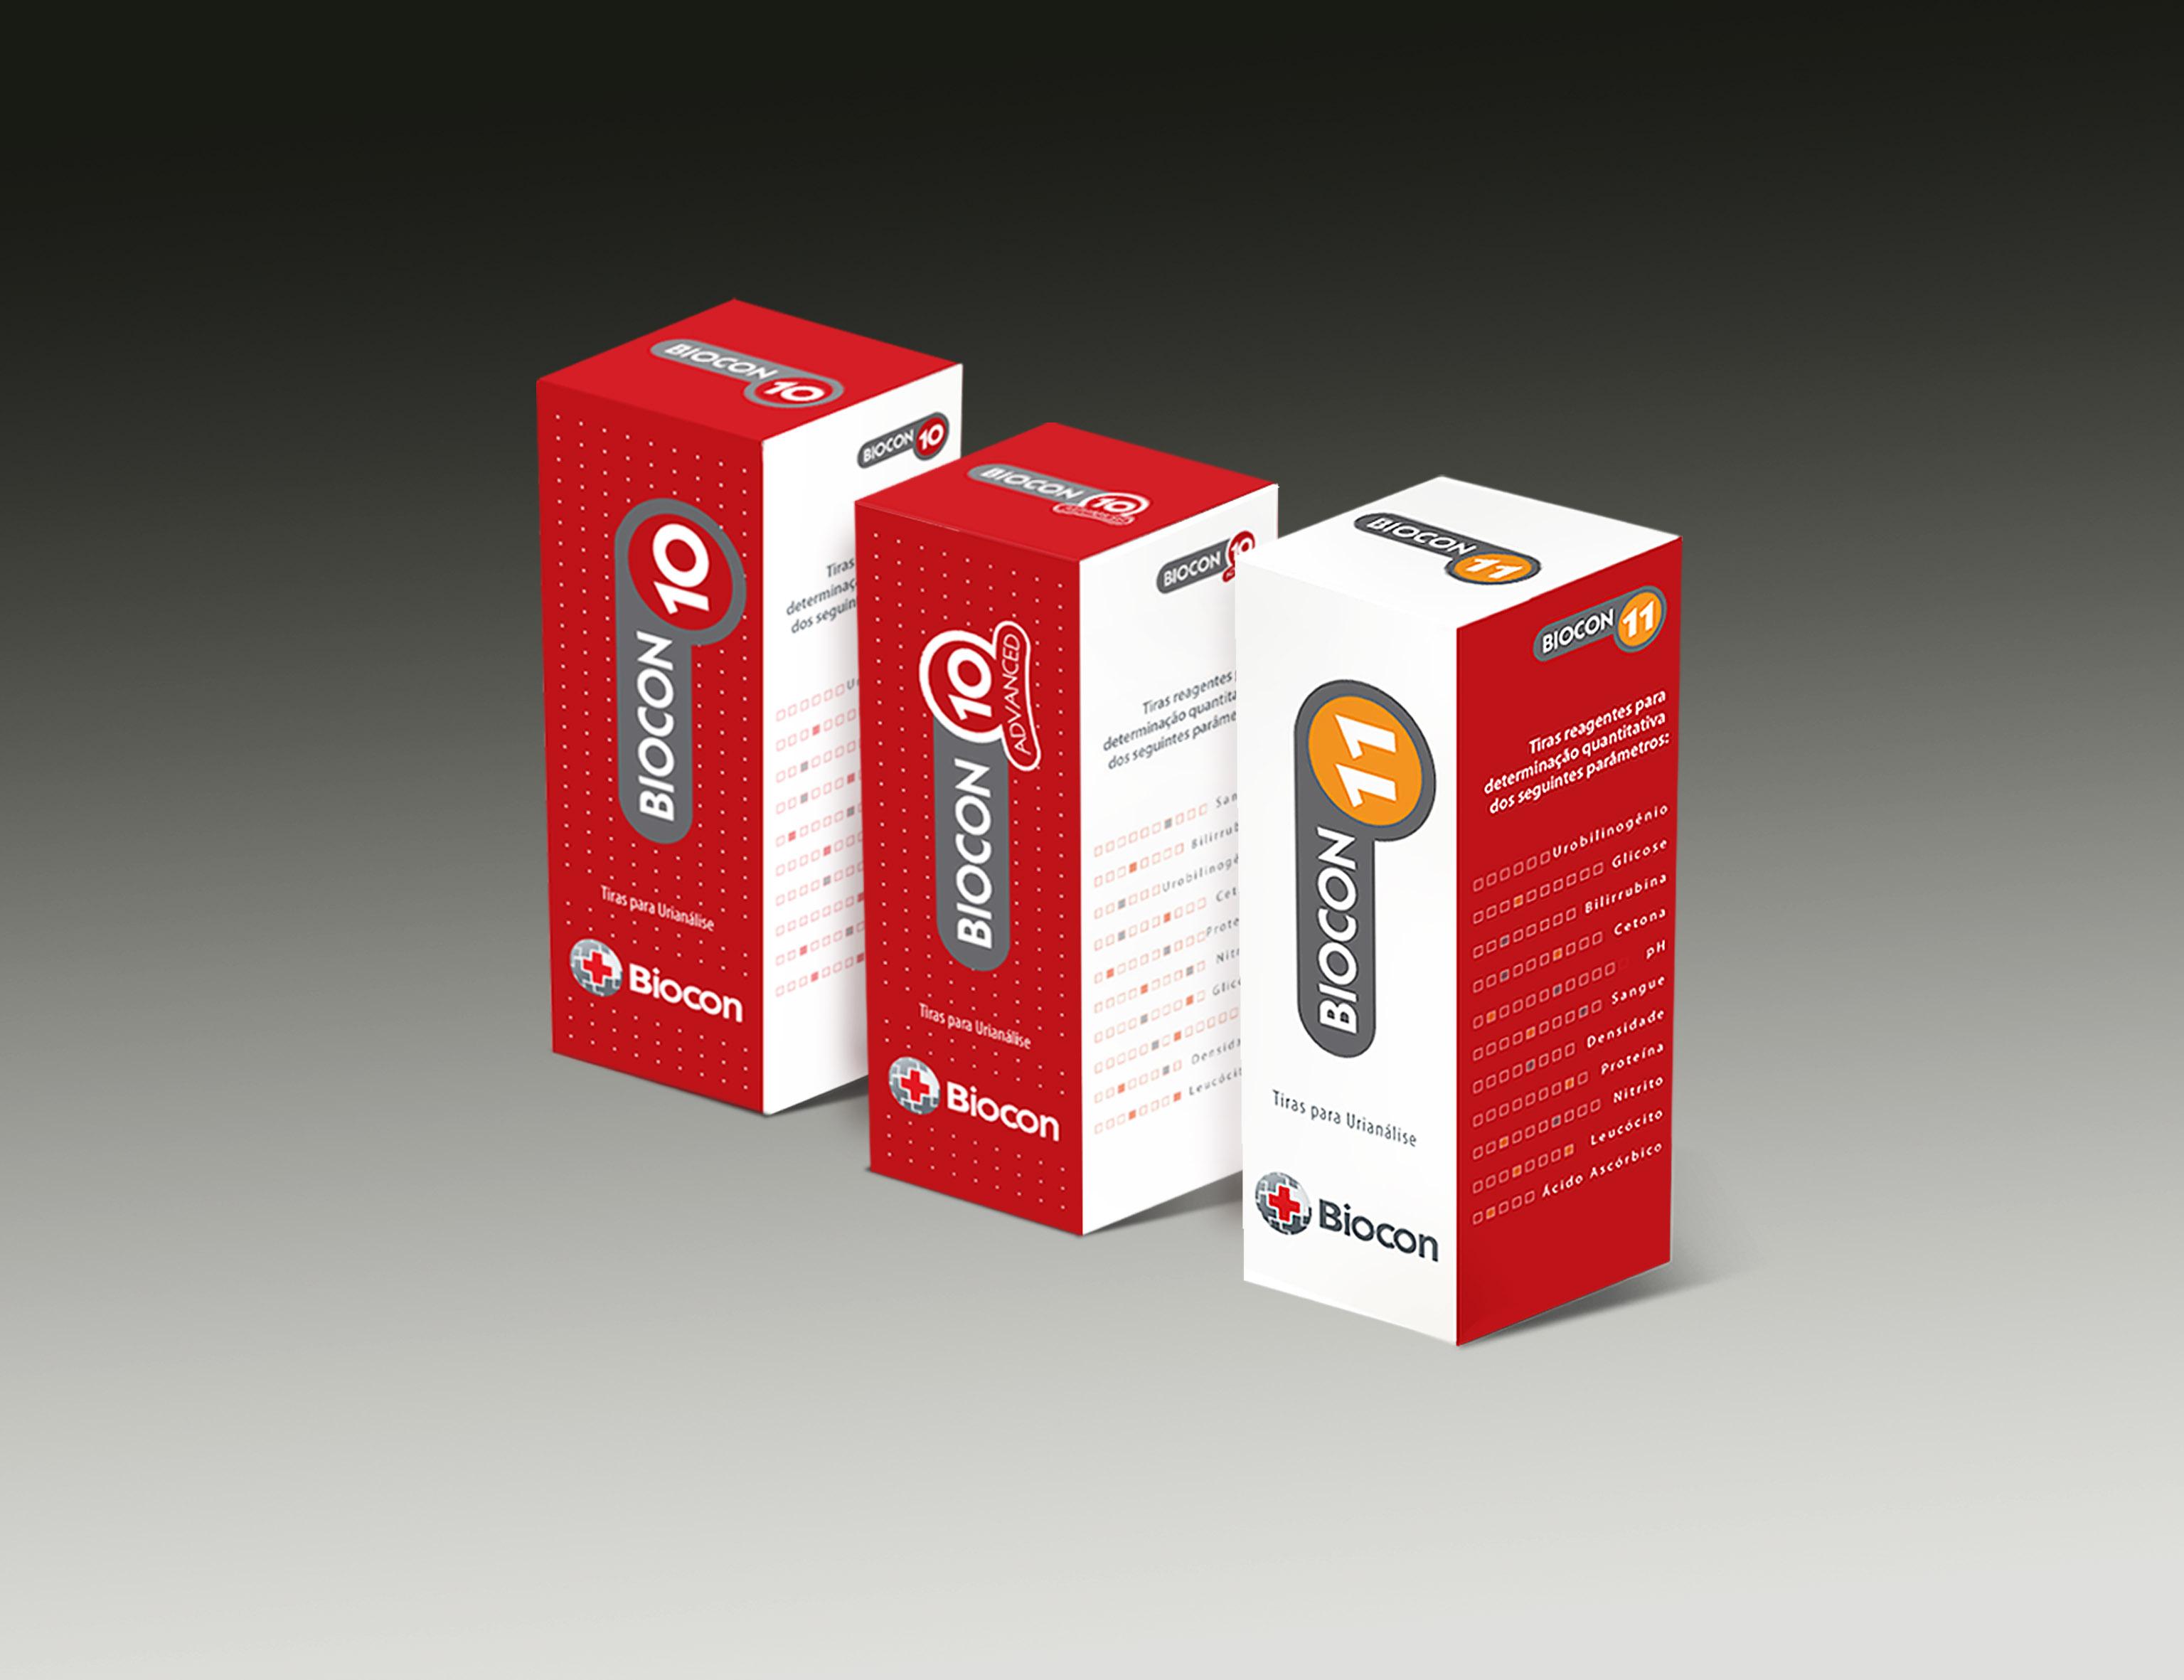 Embalagens Biocon